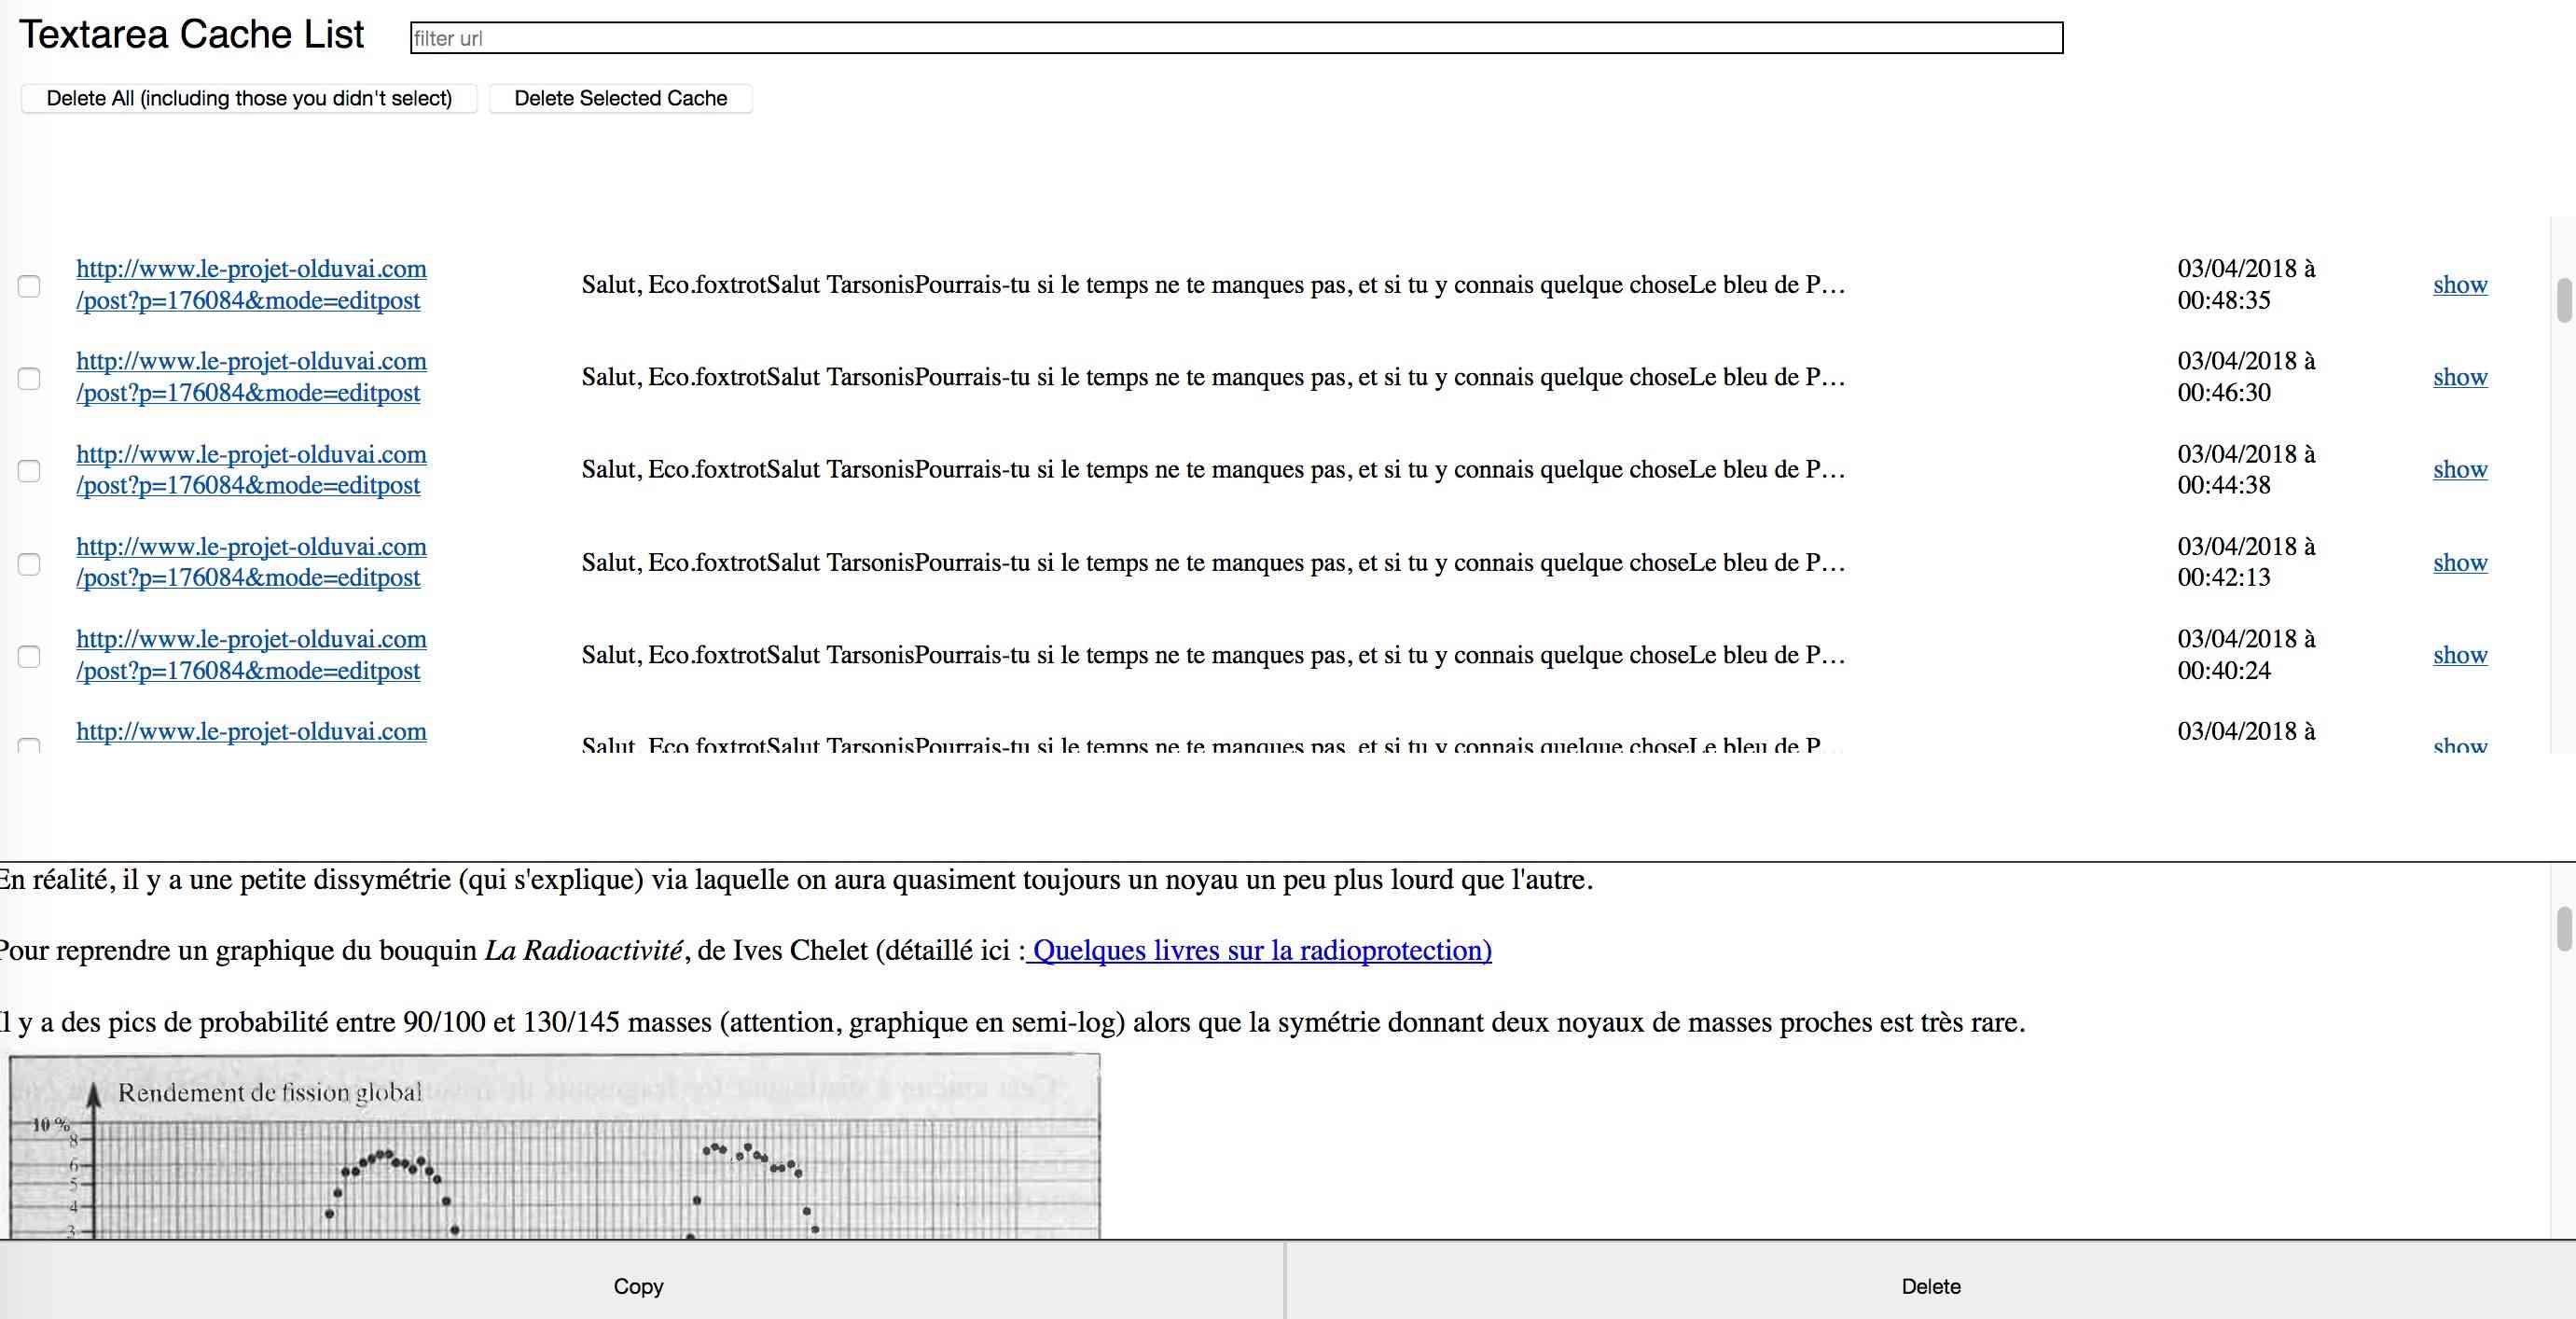 Astuces informatiques  - Page 2 Captu153